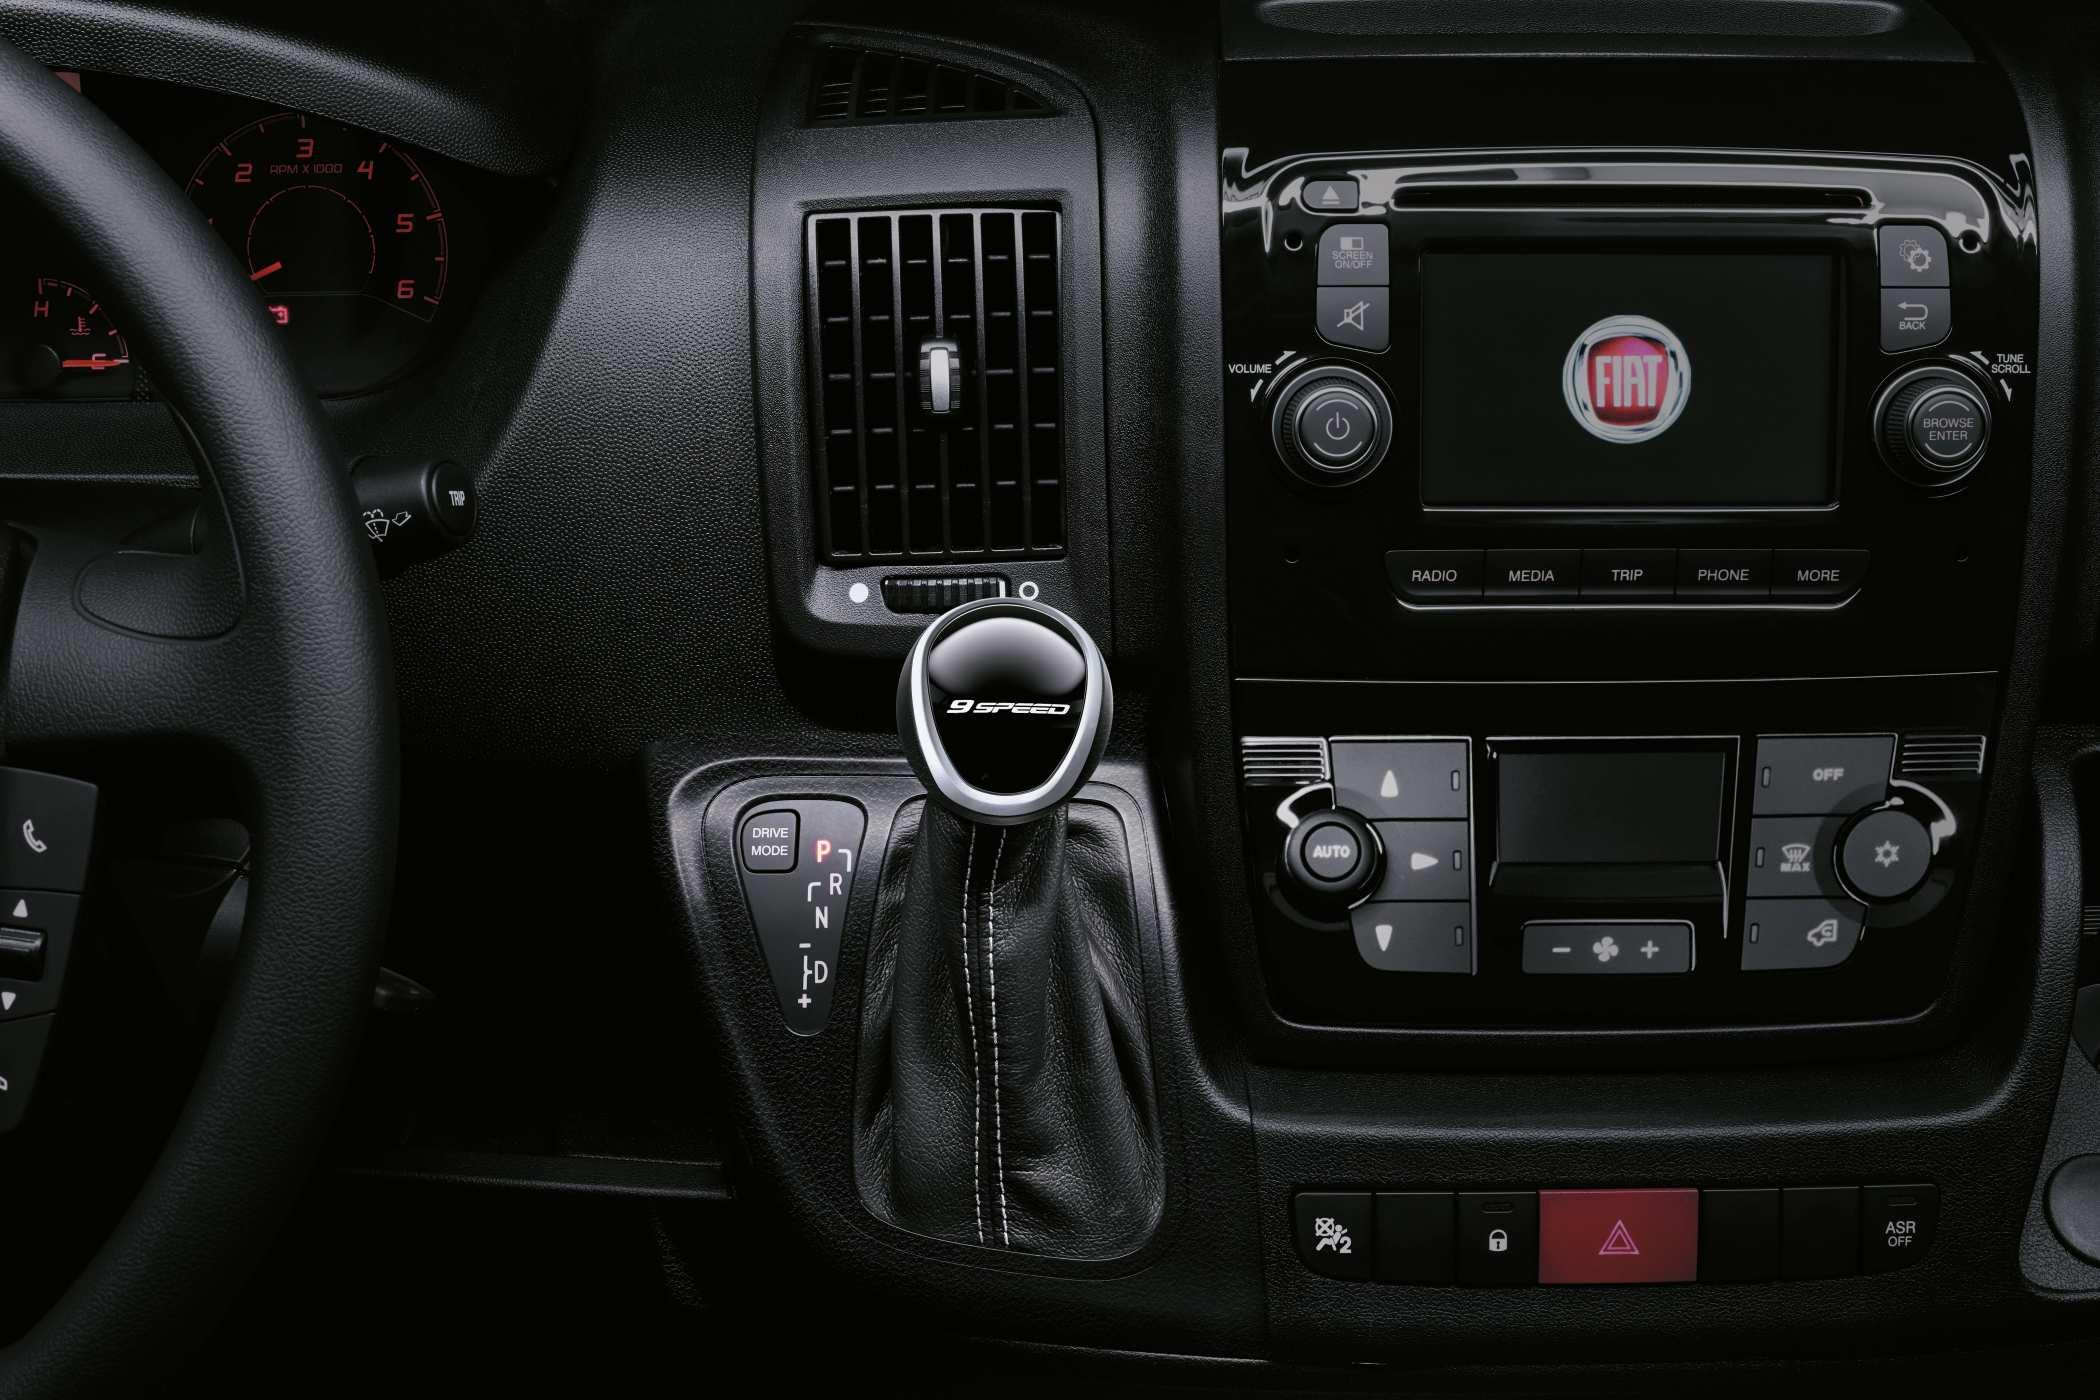 2020 Fiat Professional Ducato centre